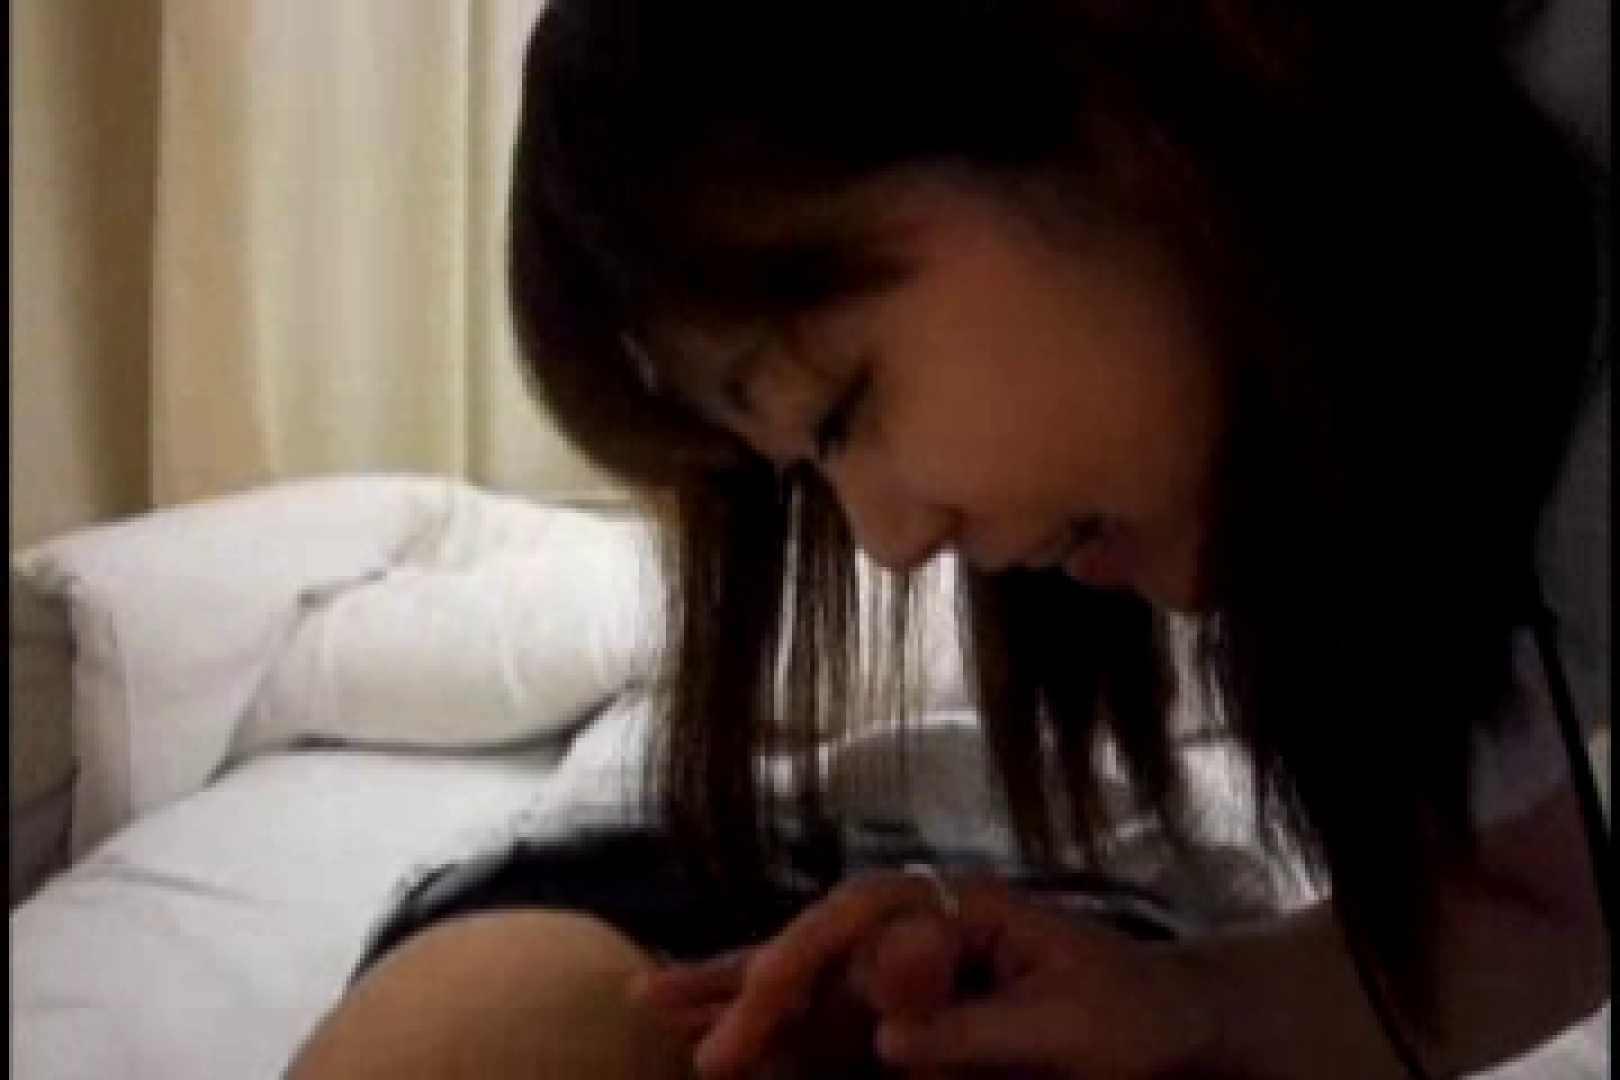 ヤリマンと呼ばれた看護士さんvol1 OL裸体 | シックスナイン  61画像 55